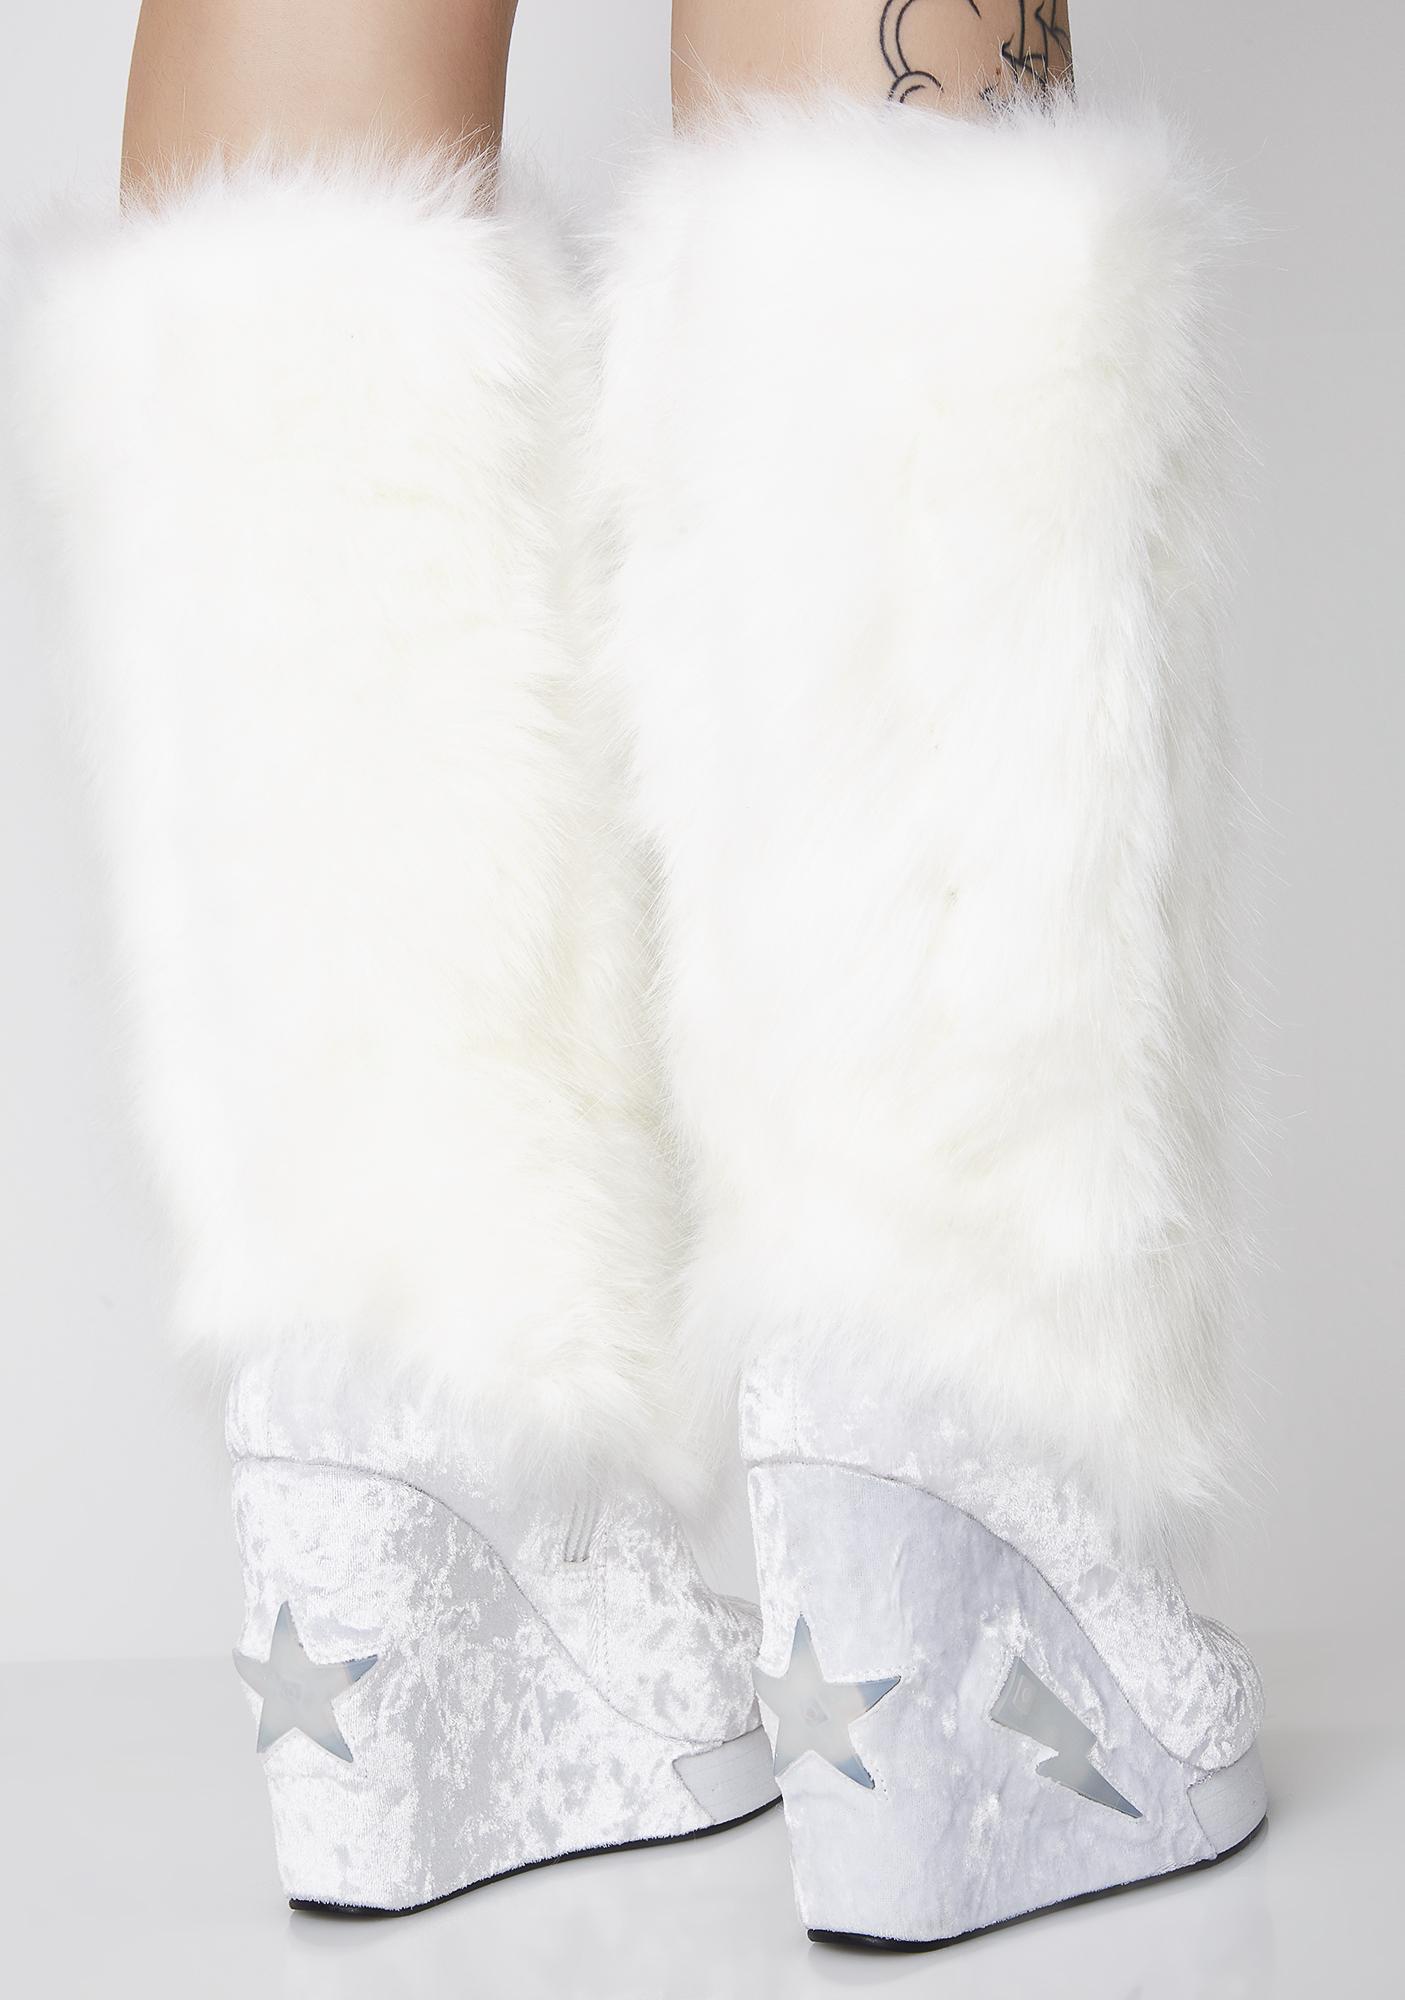 Beatz Storm Light-Up Boots